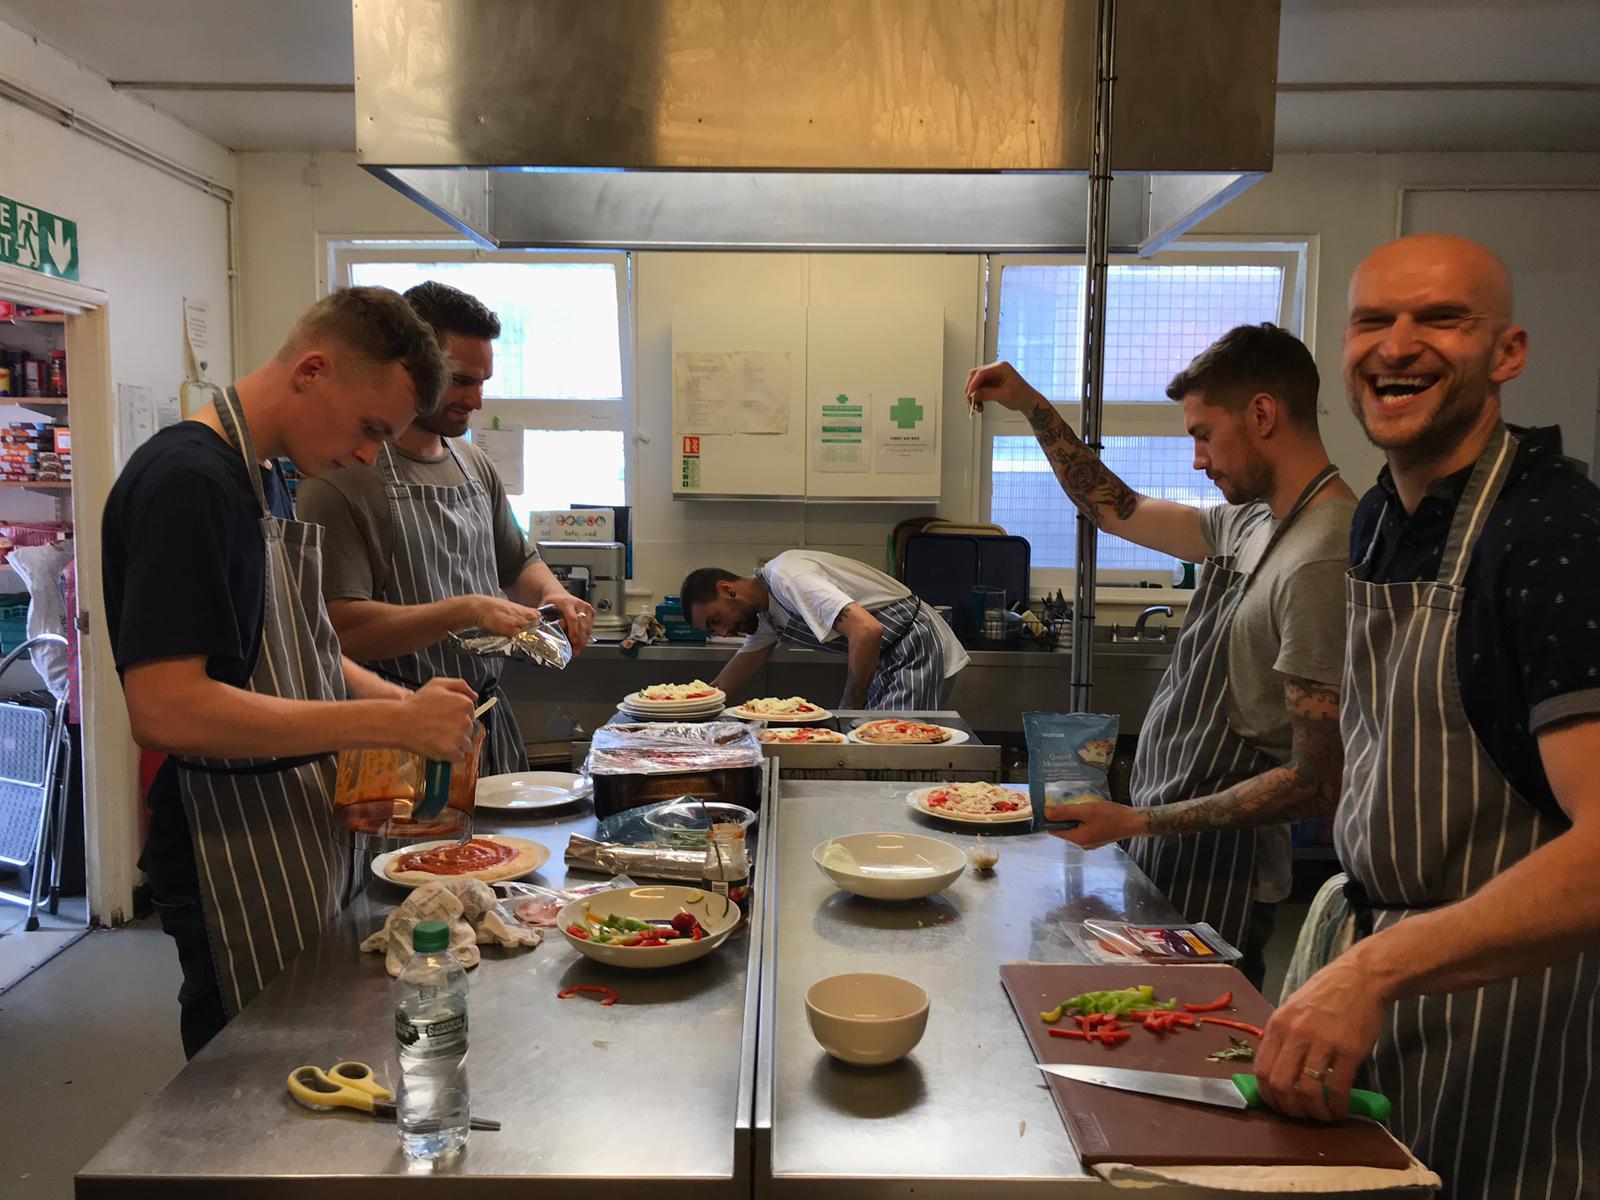 Herringbone Kitchens Catching Lives